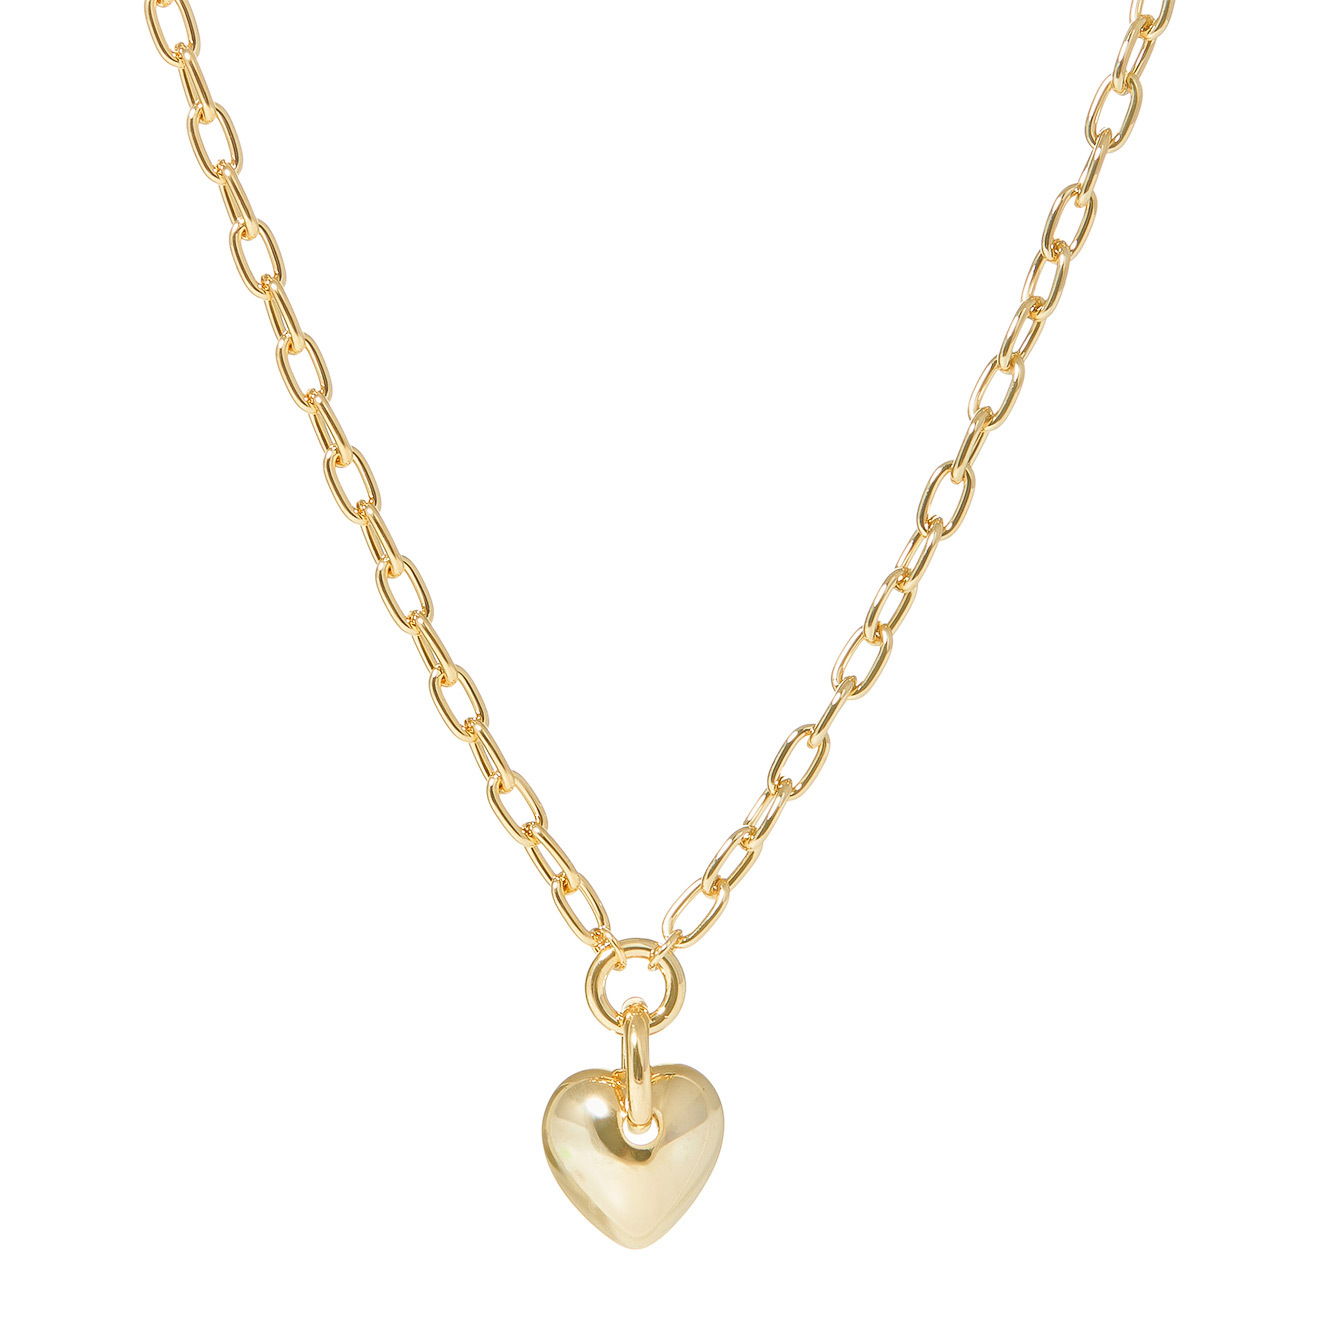 Lisa Smith Золотистое колье-цепь с подвеской-сердцем недорого